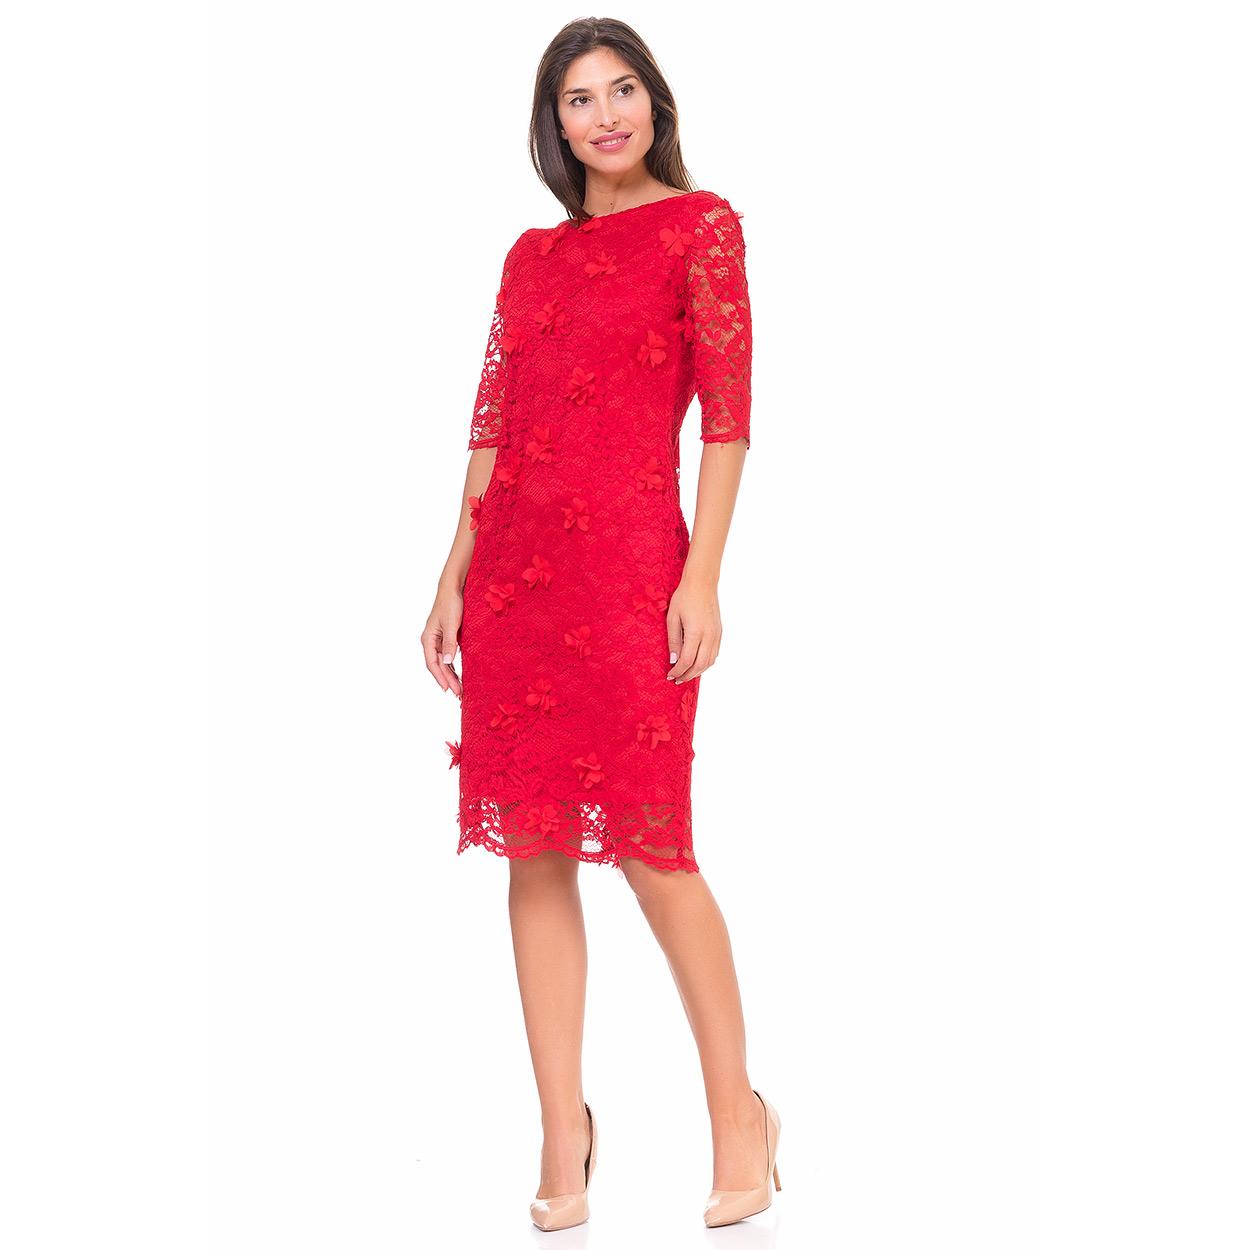 Vestido encaje rojo midi